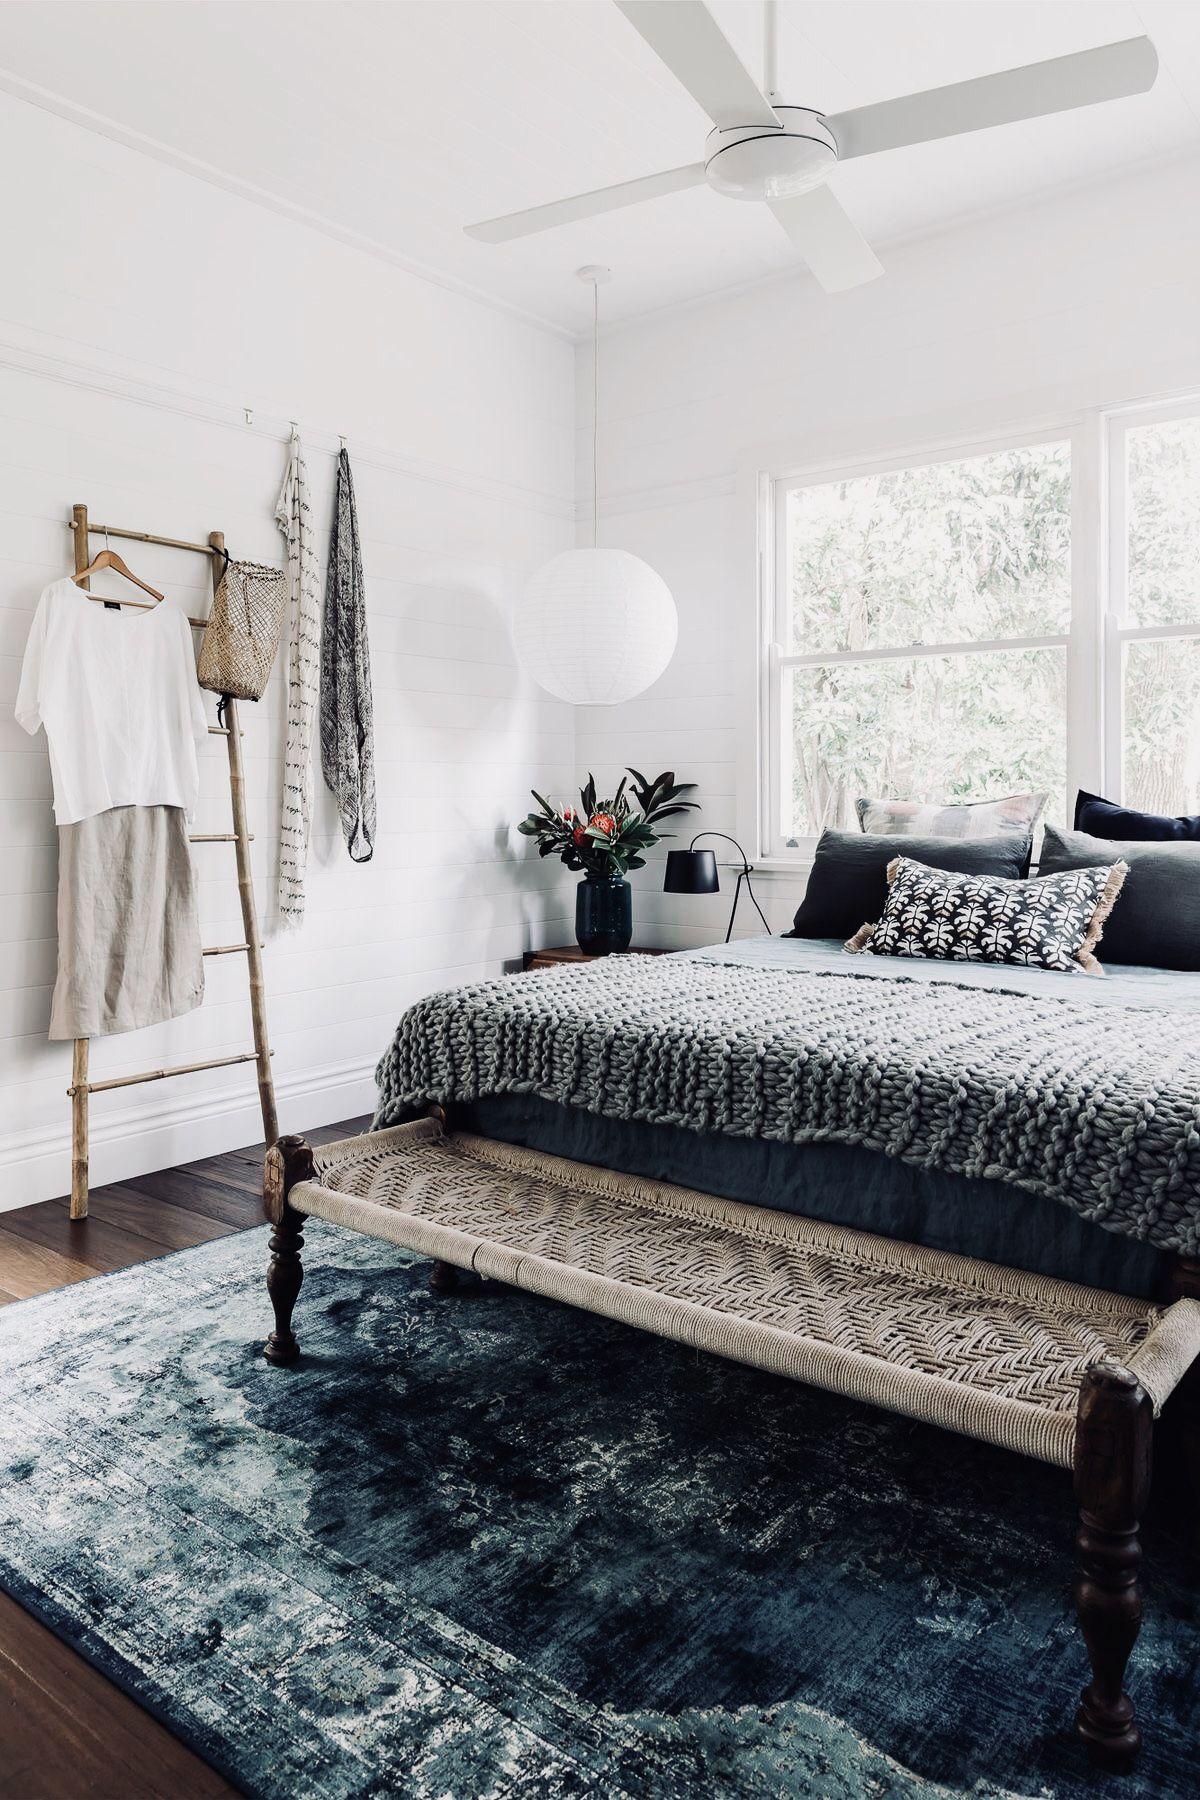 romantisches schlafzimmer in blau, pin von breanna rogers auf future | pinterest | blau schlafzimmer, Design ideen